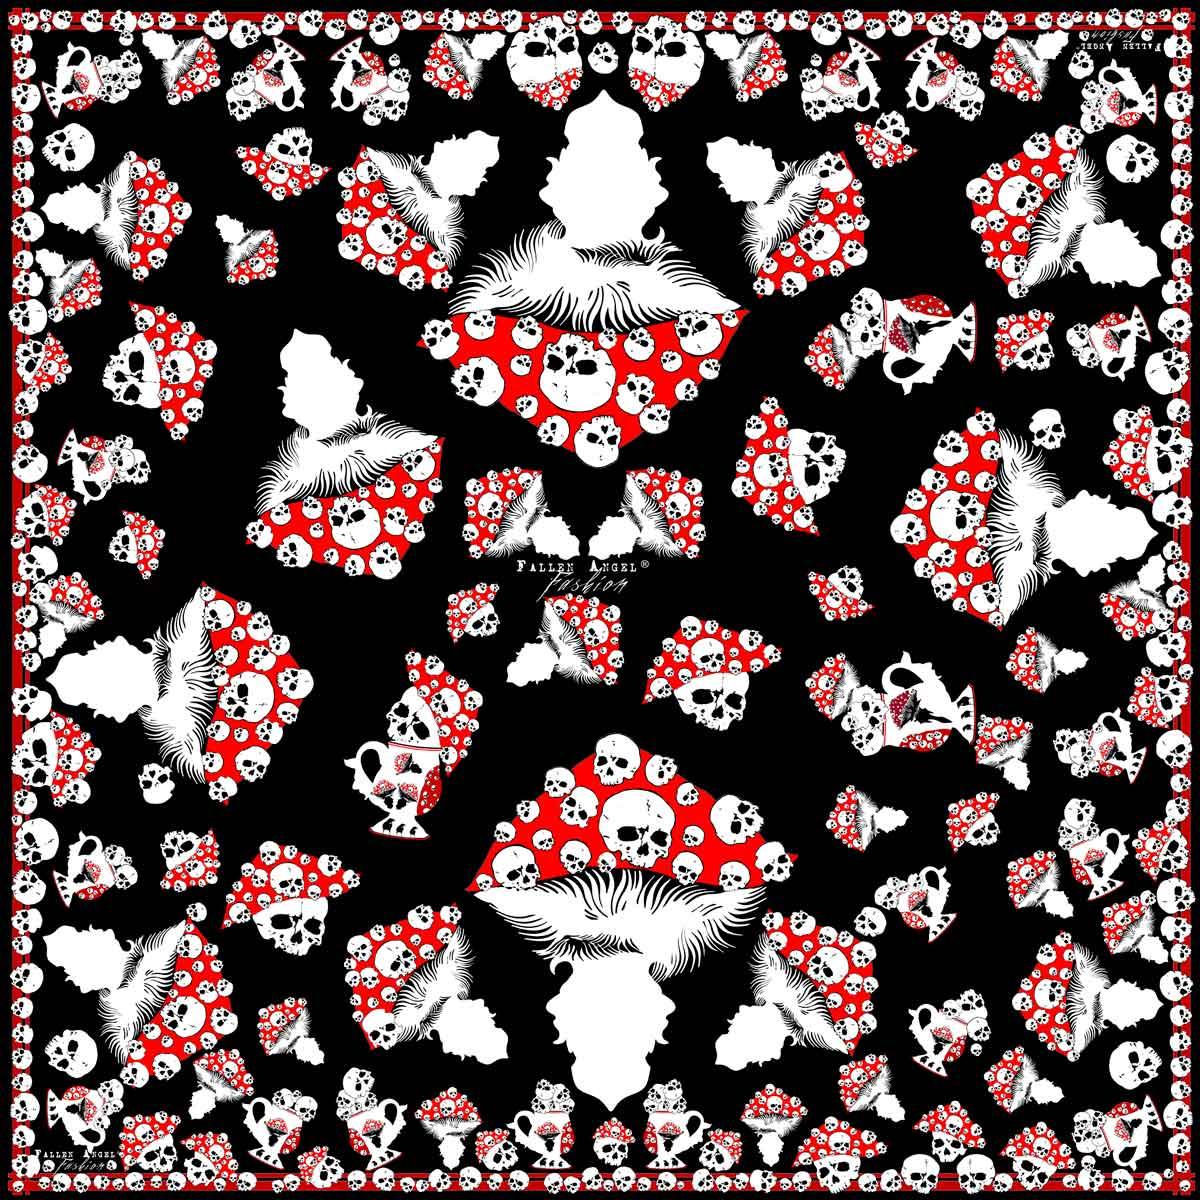 Red-Mushrooms-with-Skulls-Silk-Scarf-Fallen-Angel-Fashion